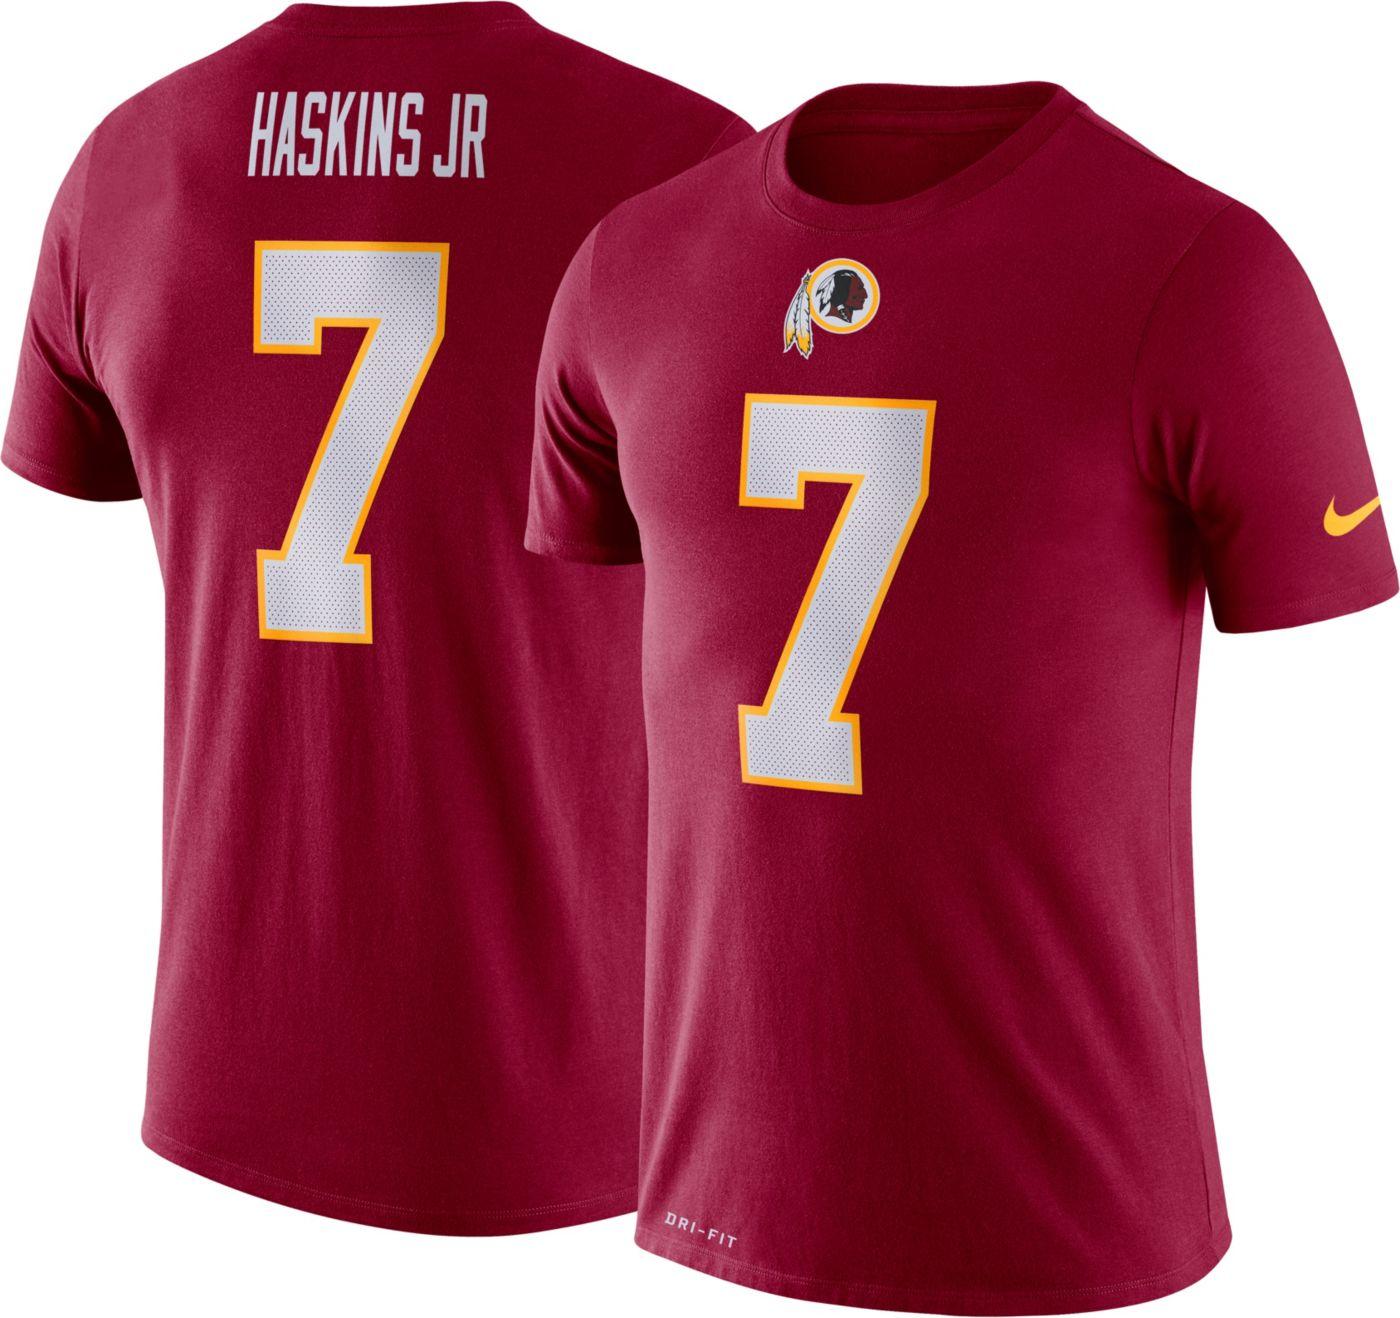 Nike Men's Washington Redskins Dwayne Haskins #7 Logo Red T-Shirt